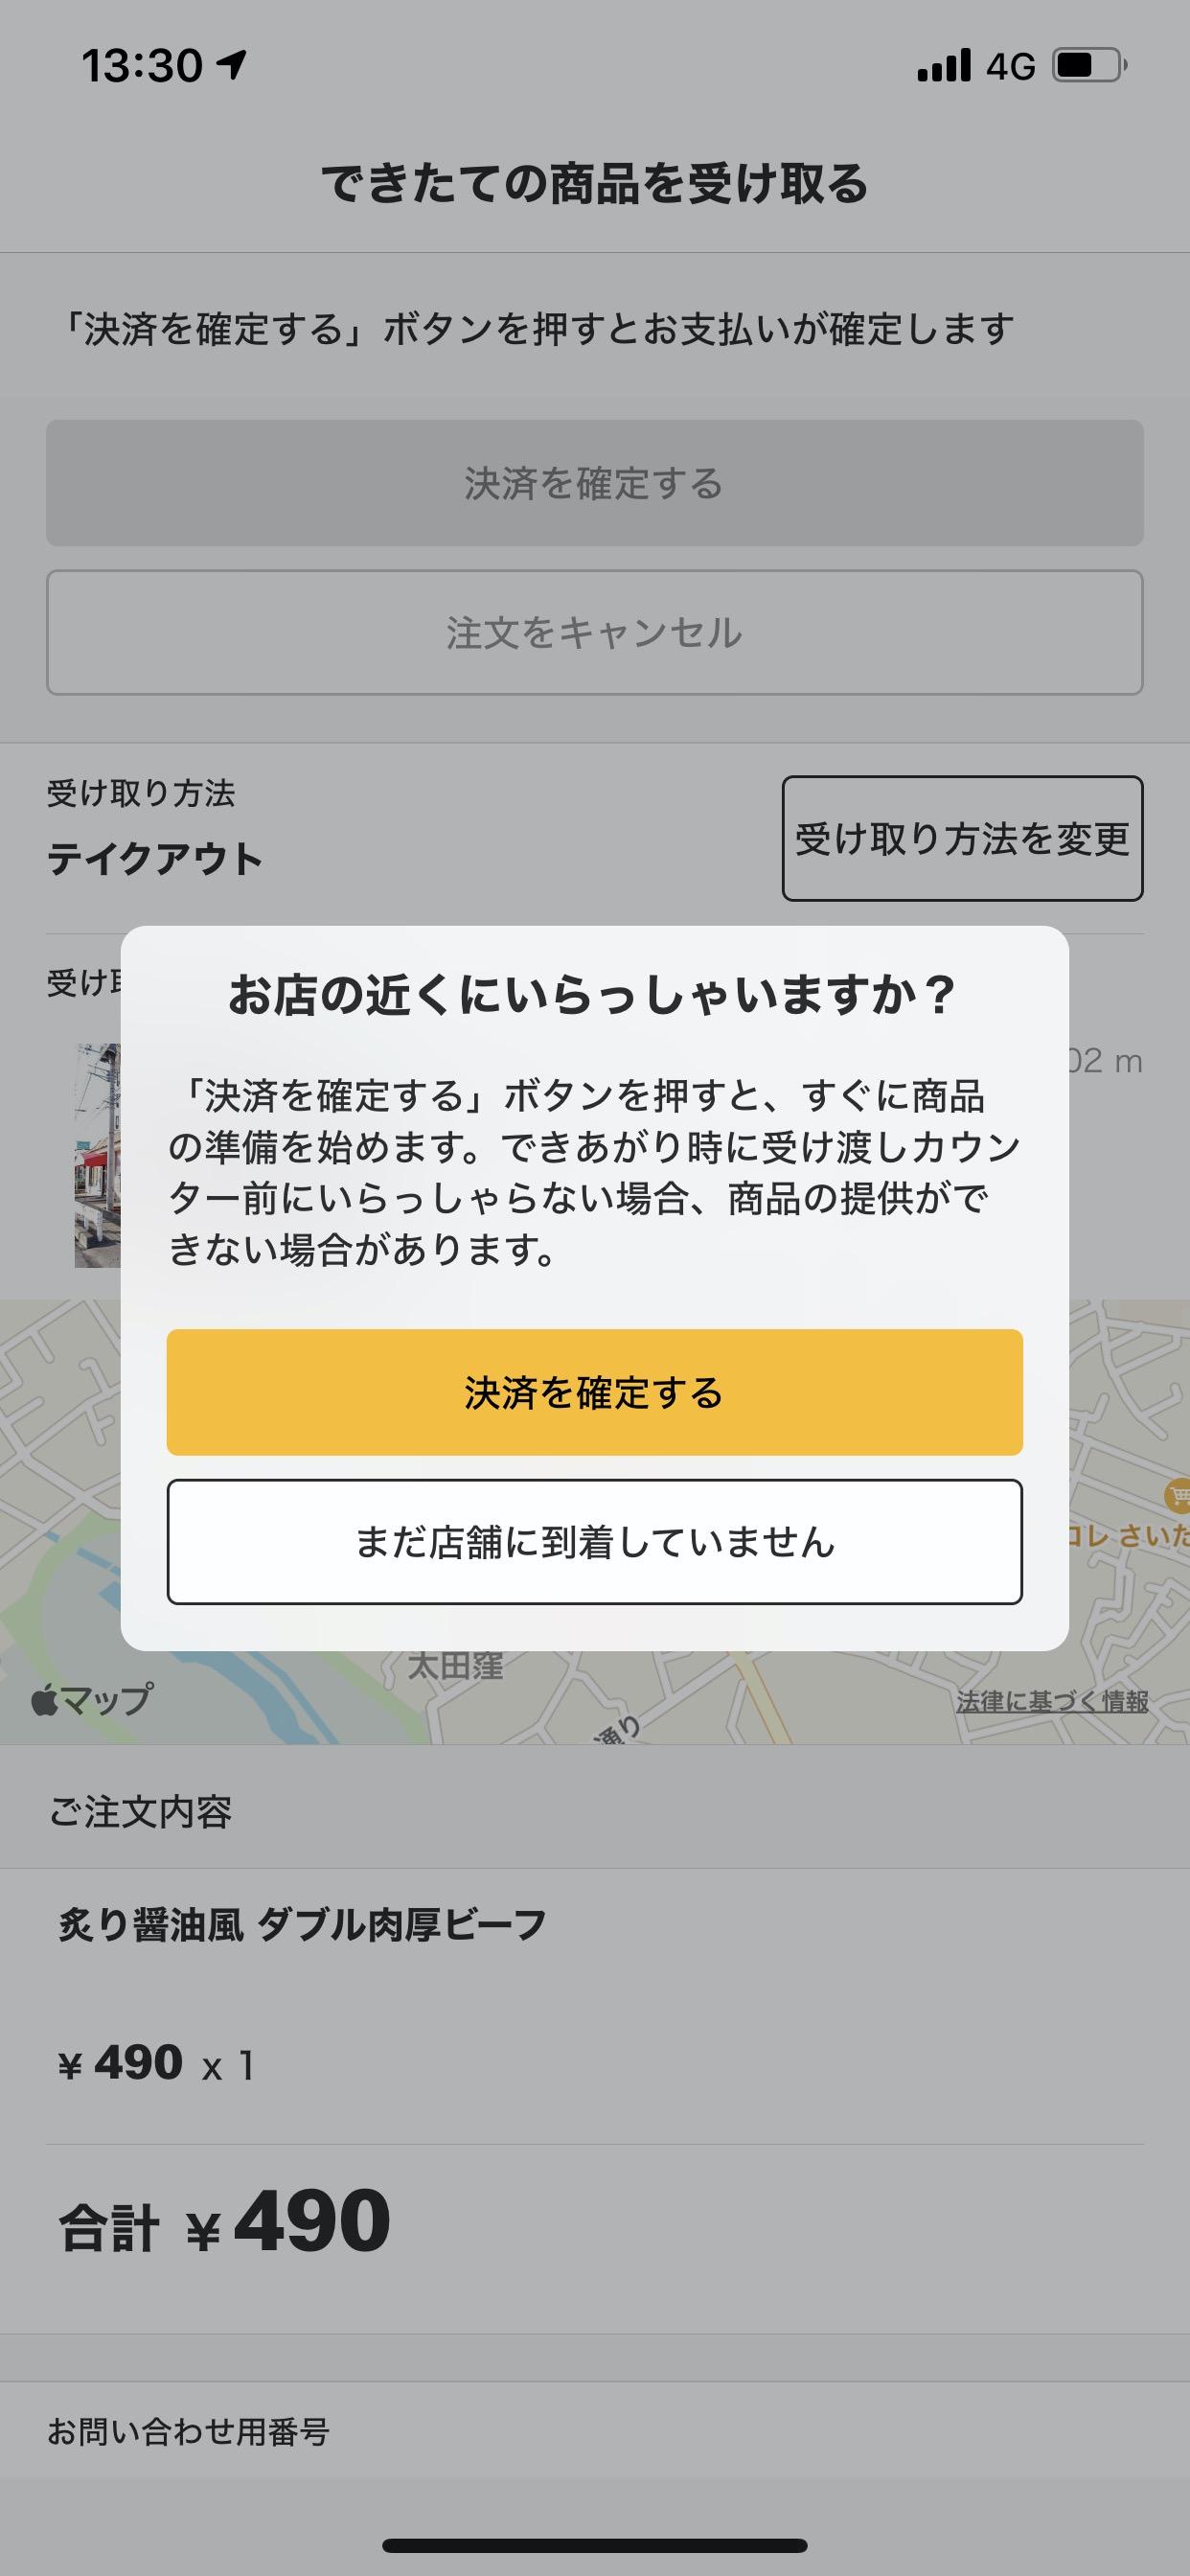 【マクドナルド】公式アプリ モバイルオーダー 8